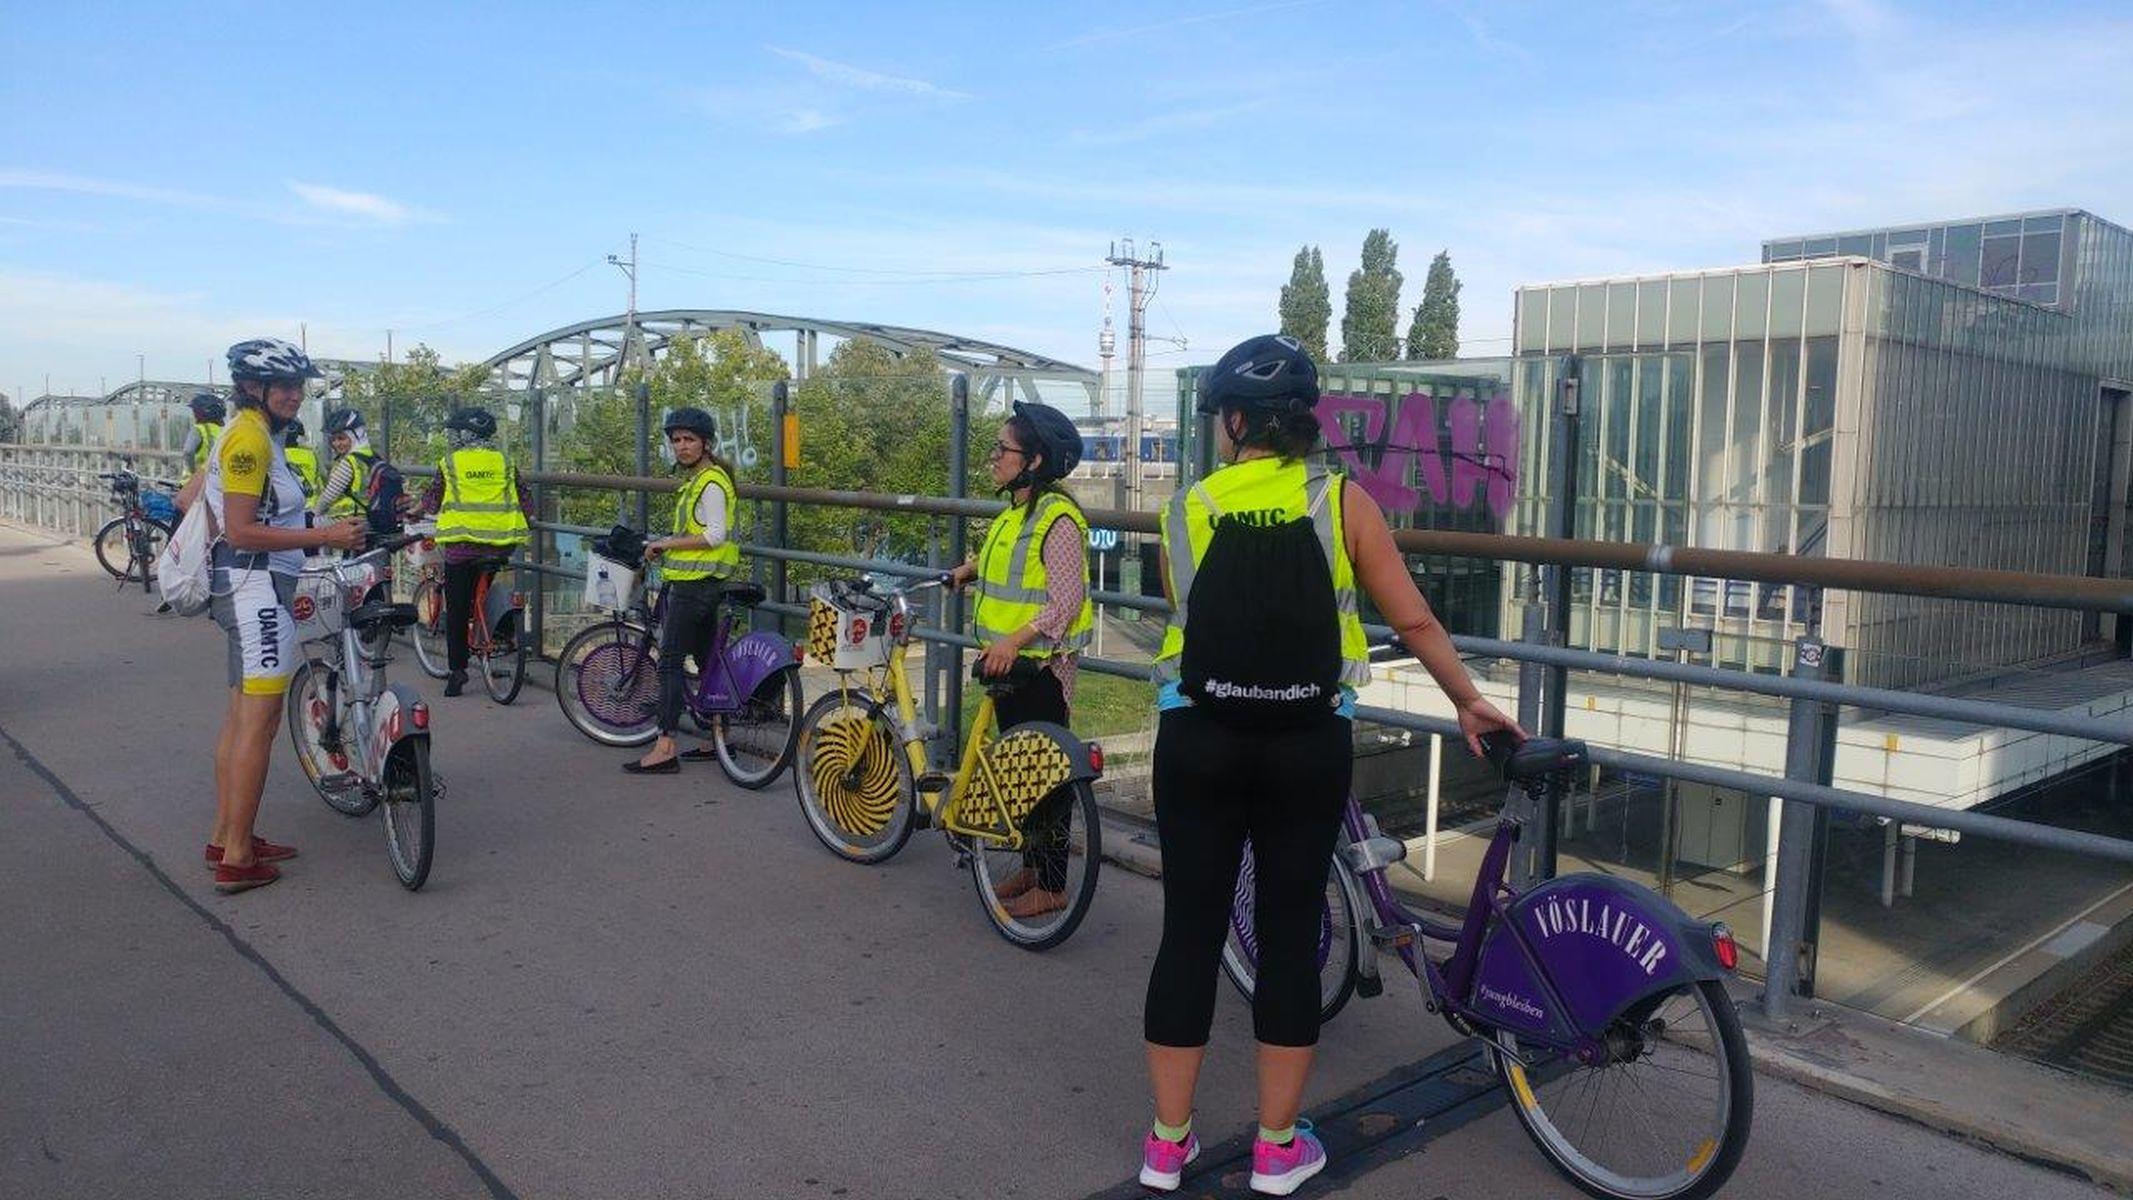 Der ÄAMTC bietet Fahrradkurse für Frauen an. (c) ÖAMTC